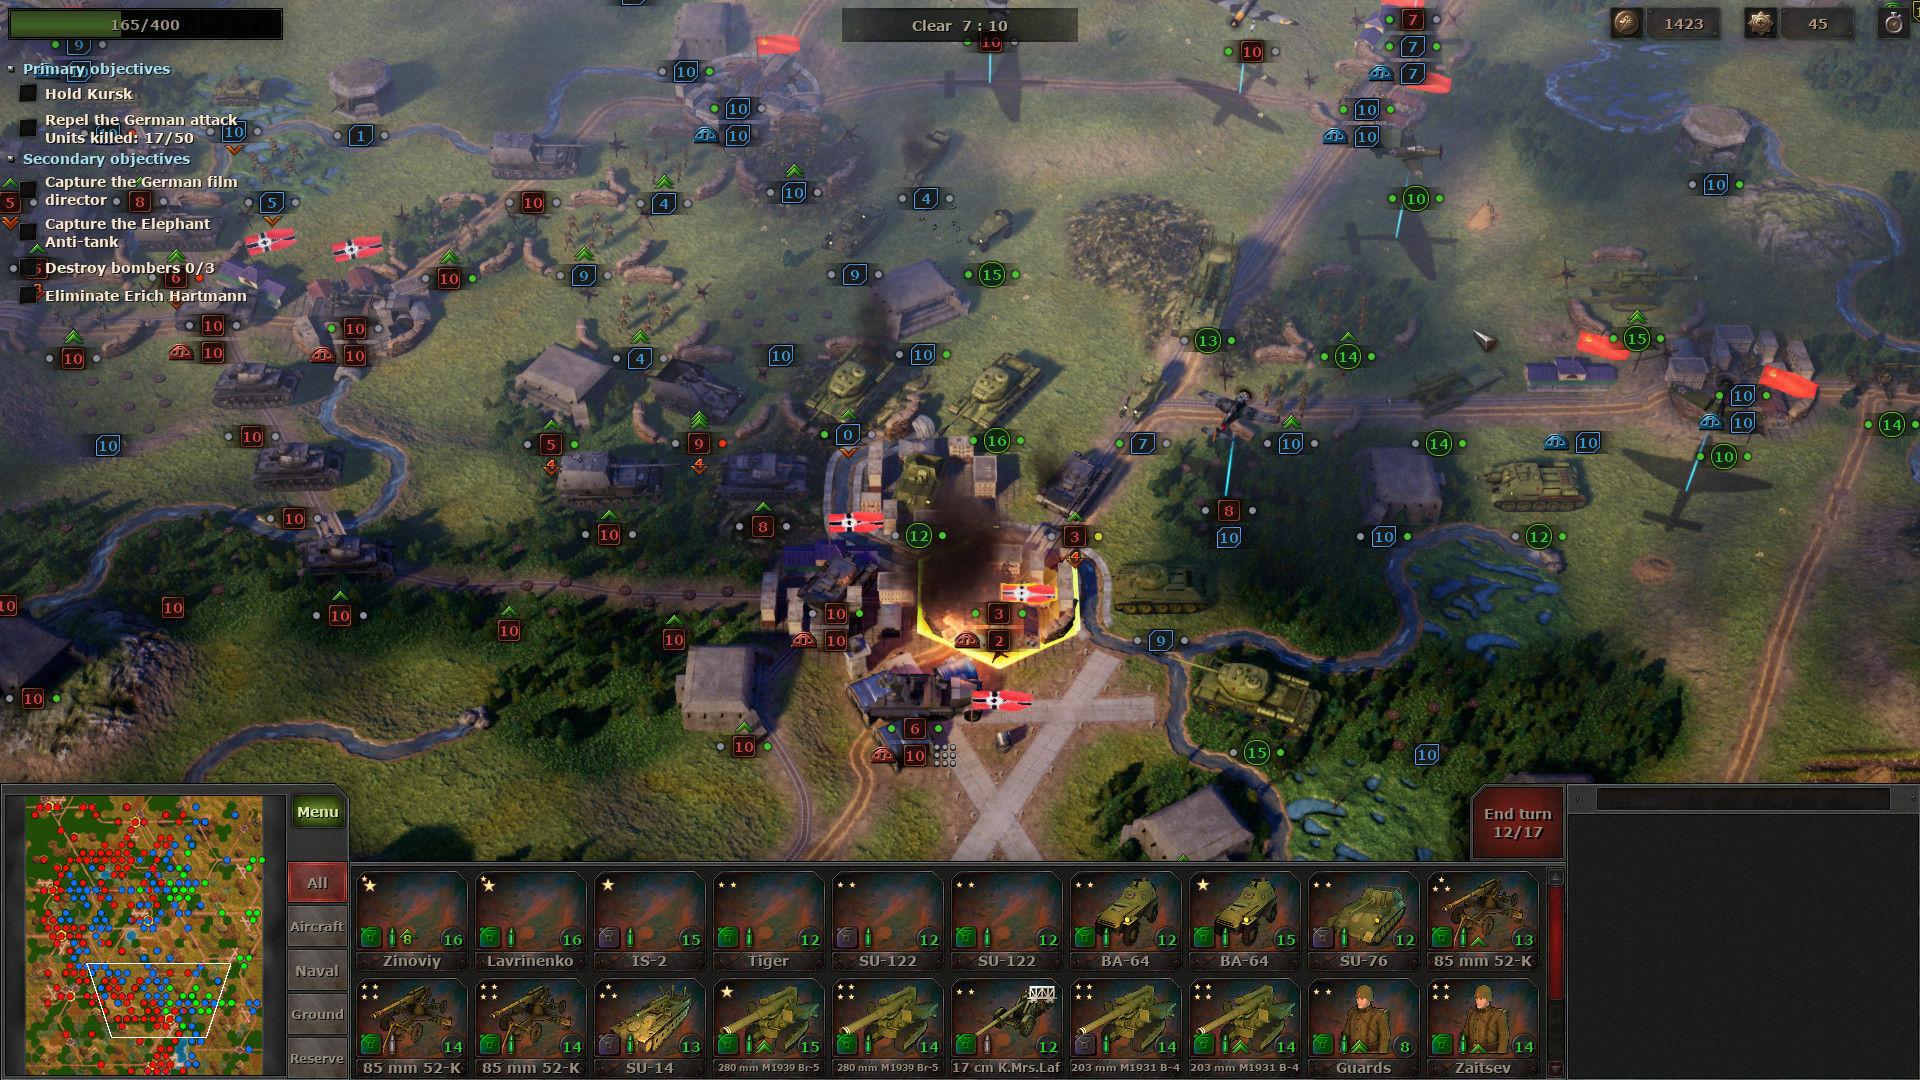 strategic-mind-spectre-of-communism-pc-screenshot-01